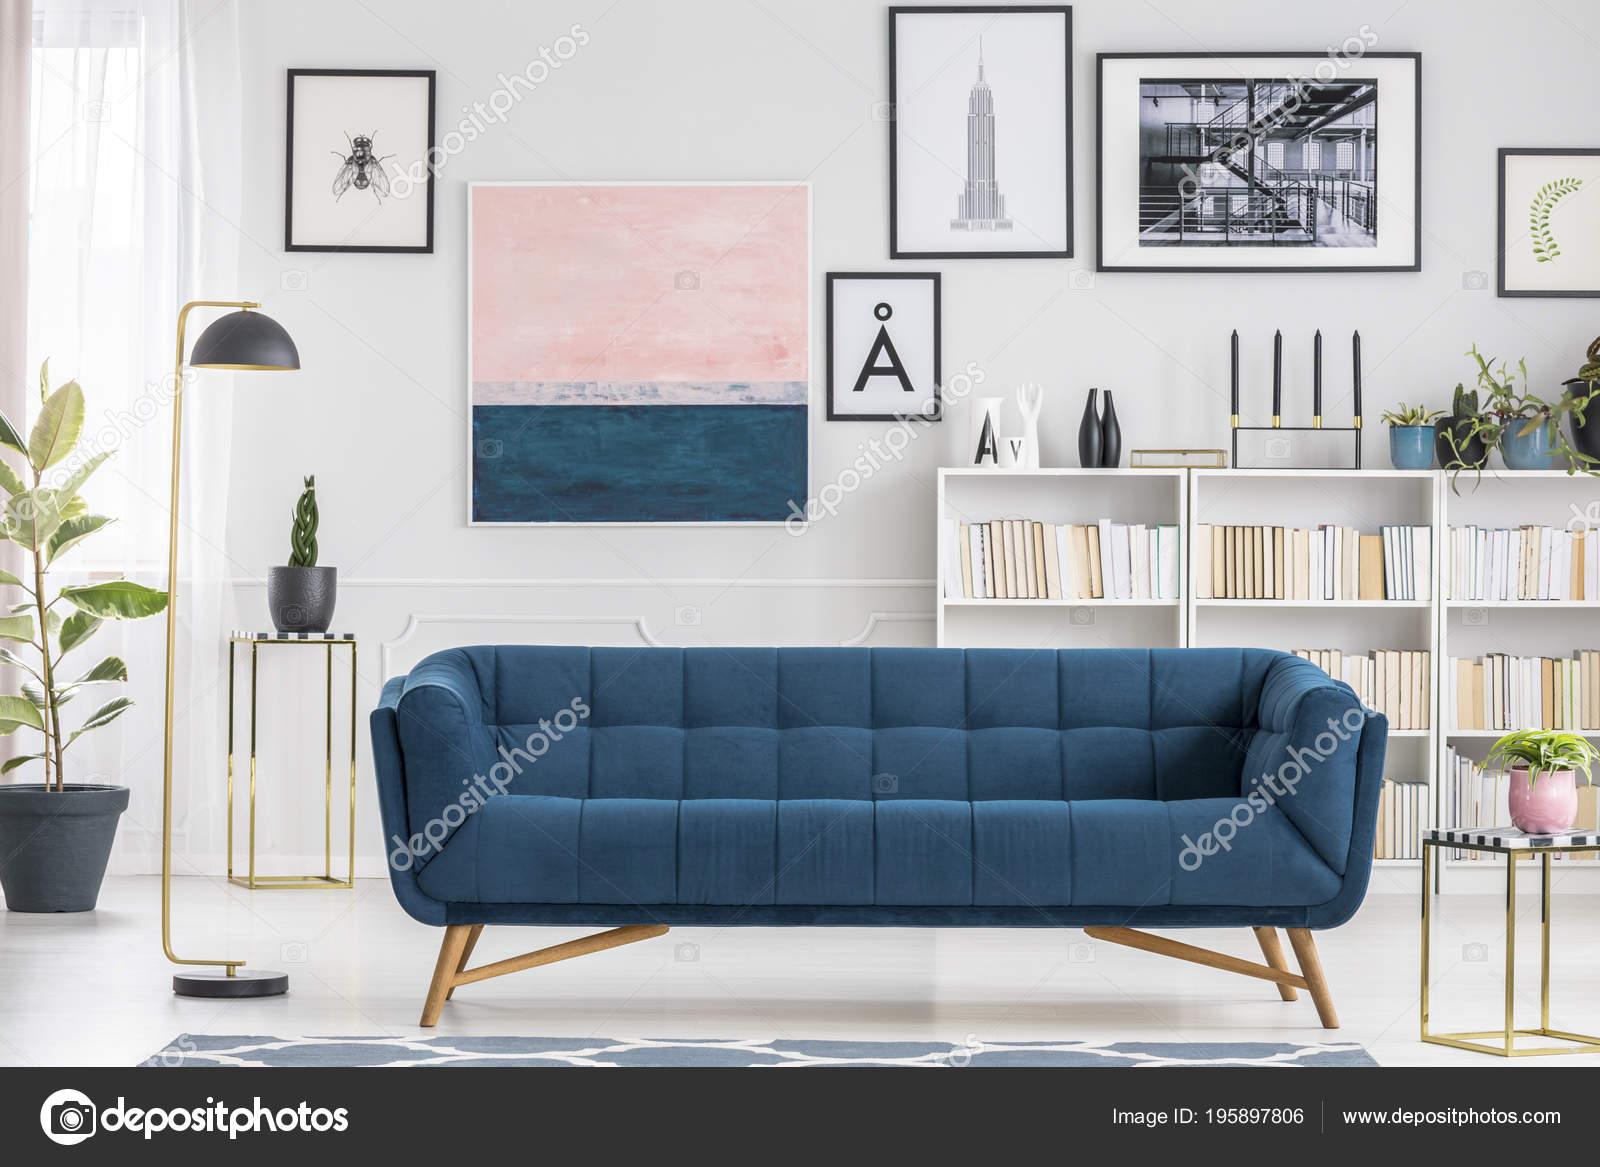 Bequeme Blaue Couch Inmitten Einer Weißen Wohnzimmer Interieur Mit